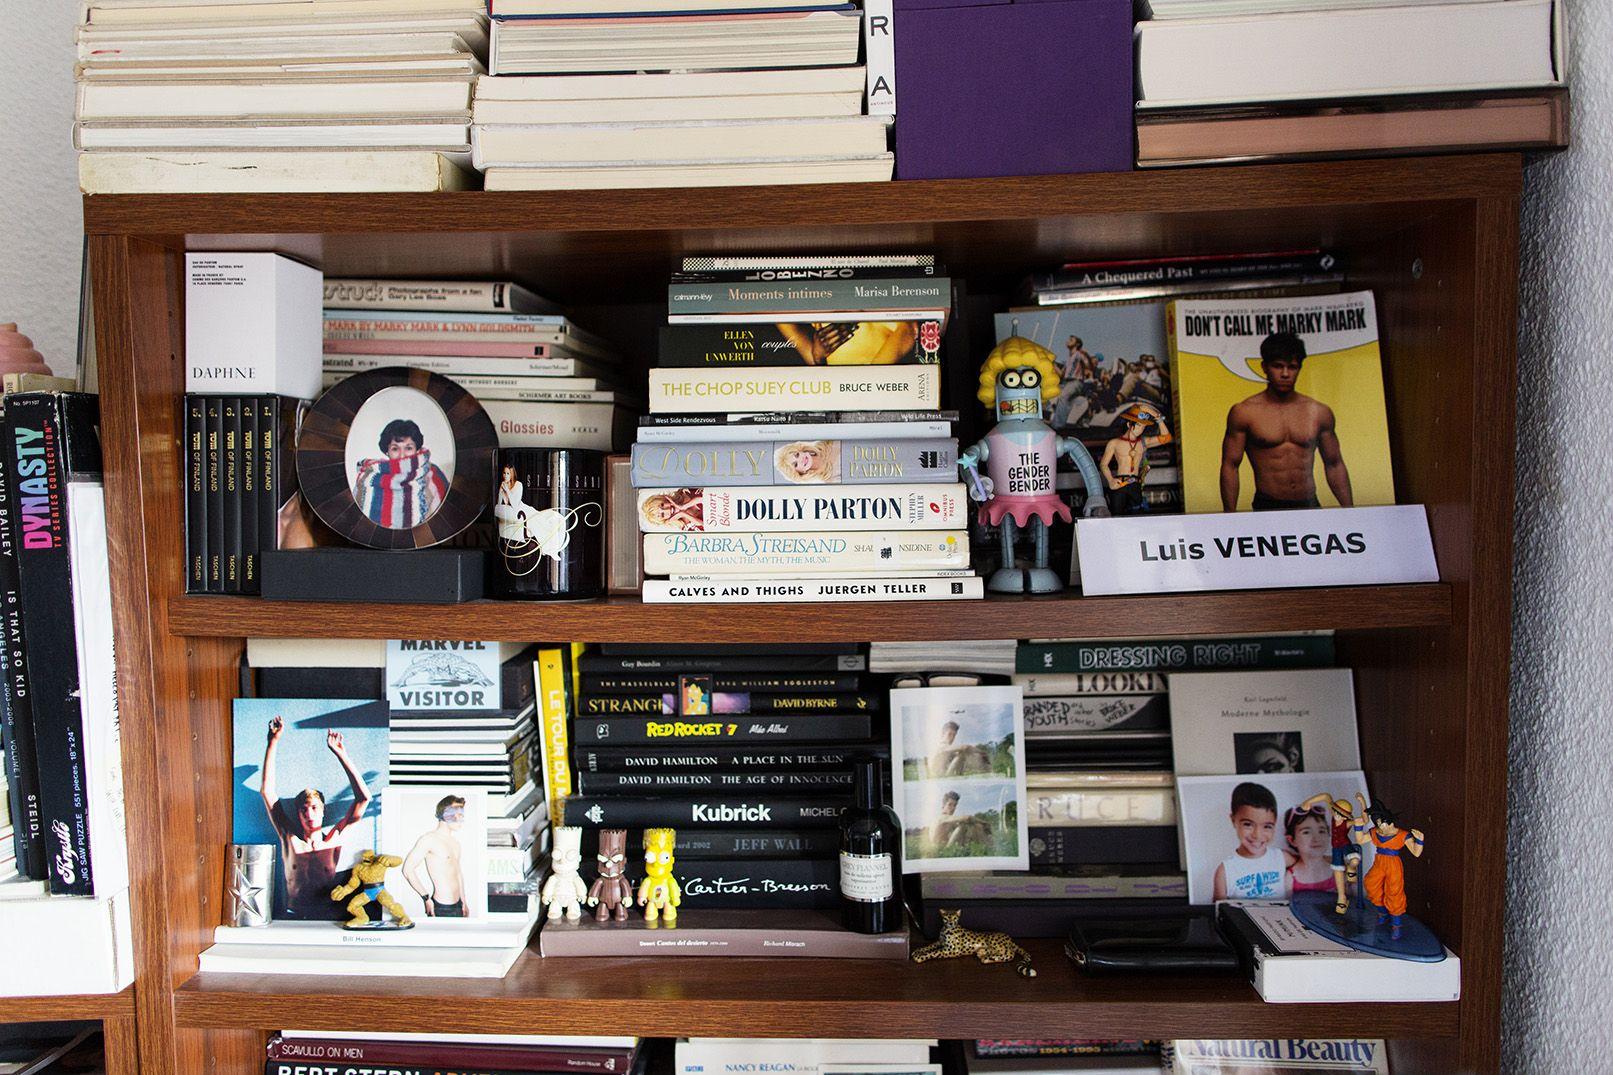 LUIS VENEGAS AT HOME IN MADRID